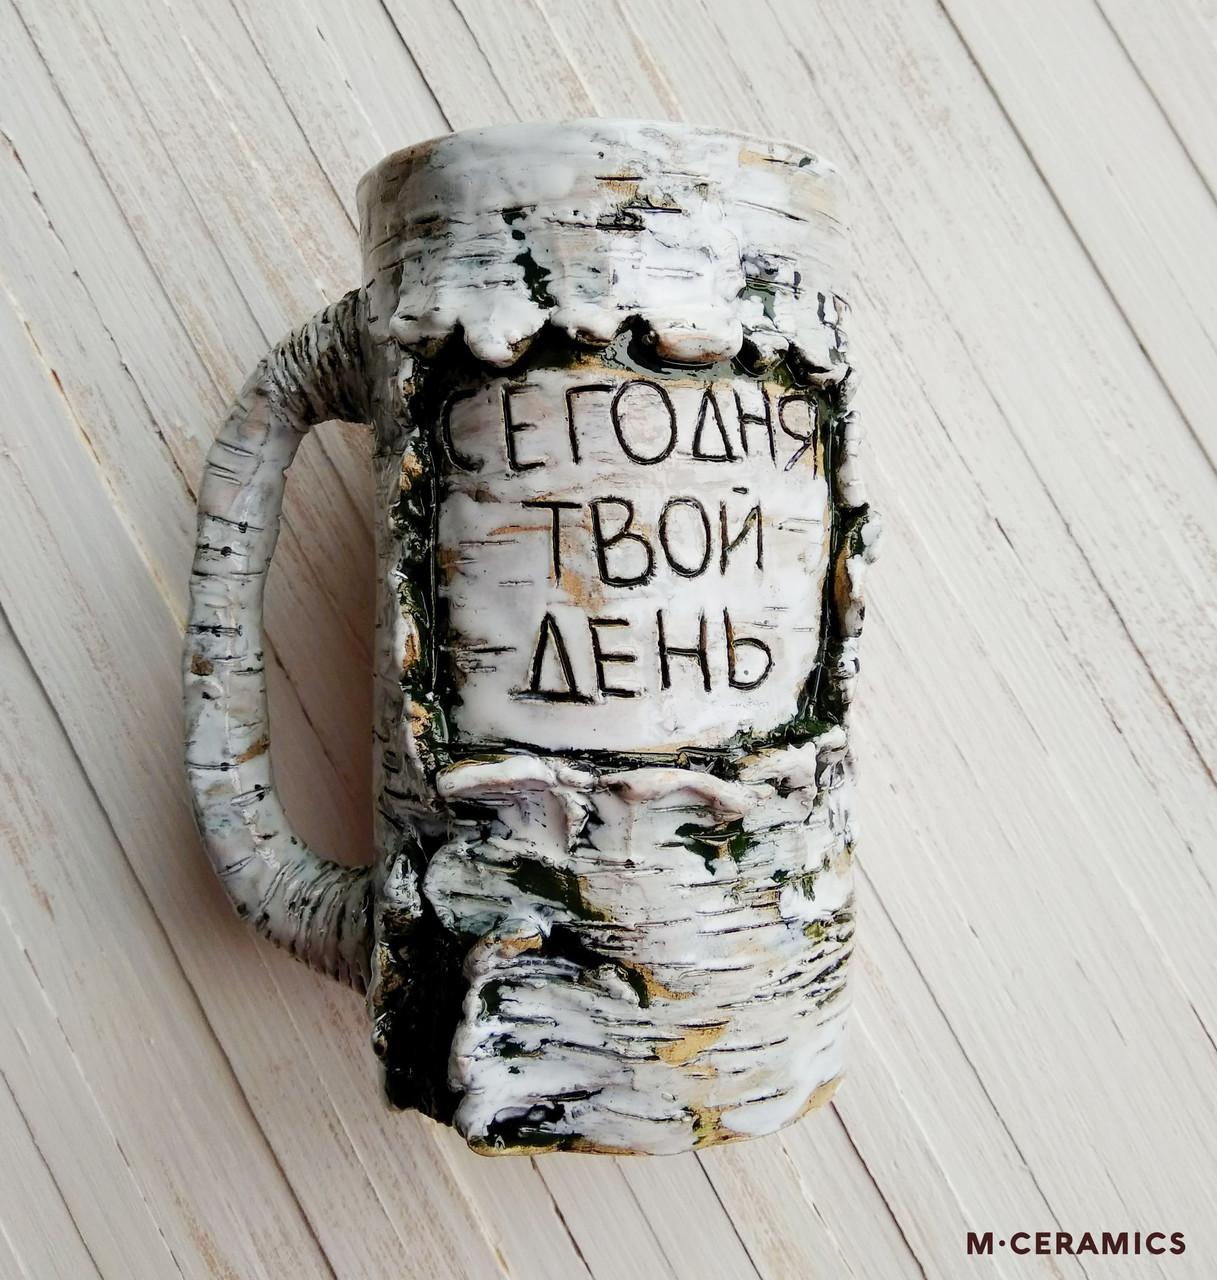 """Кружка керамическая ручной работы """"Сегодня твой день"""""""